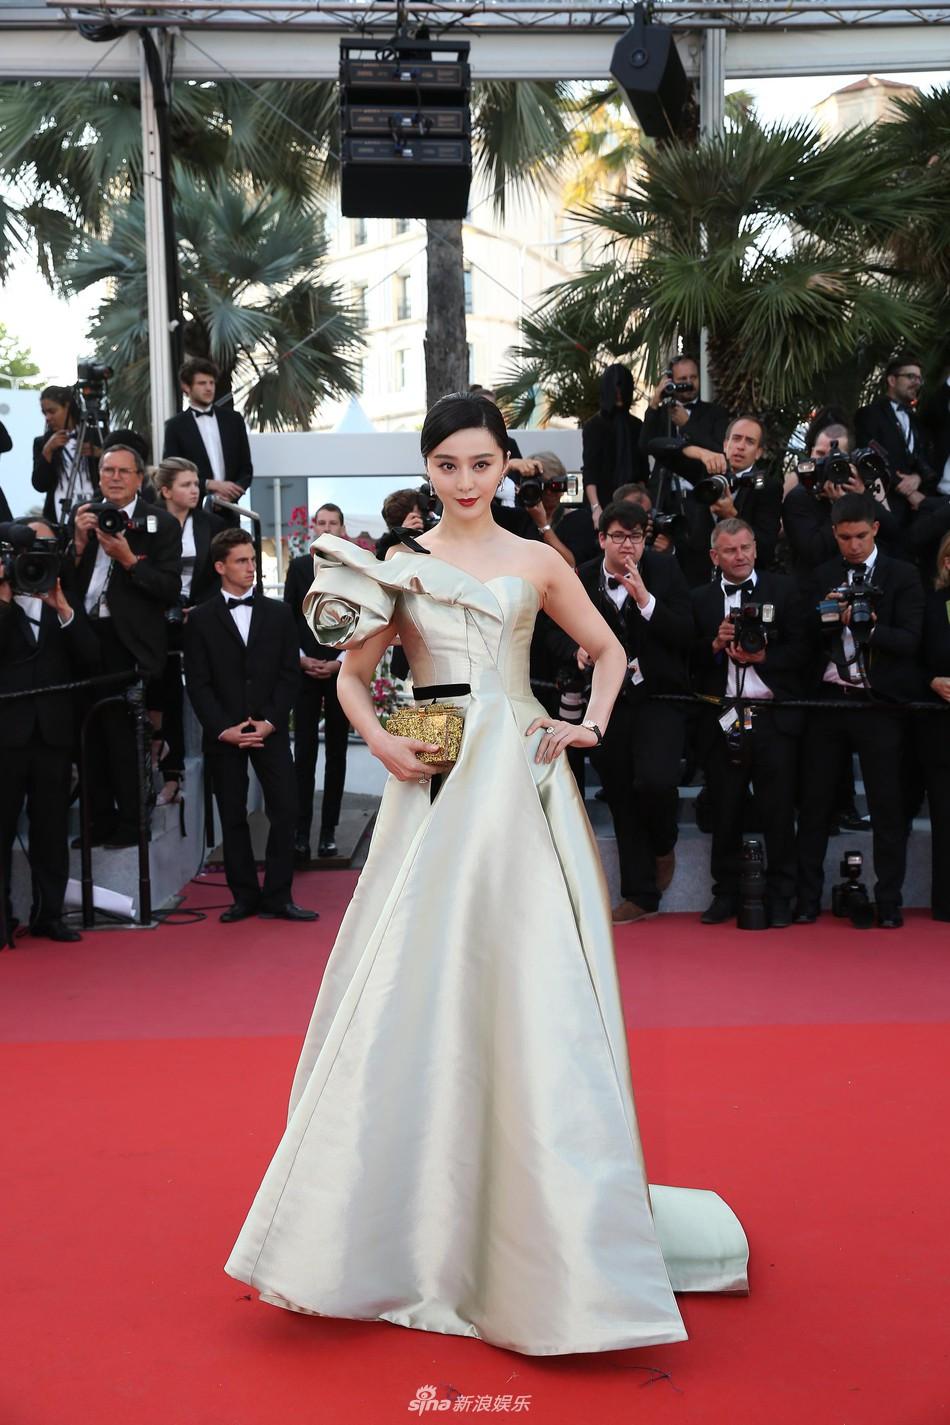 Thảm đỏ Cannes: Đây mới chính là nữ hoàng Phạm Băng Băng mà tất cả cùng mong chờ! - Ảnh 10.